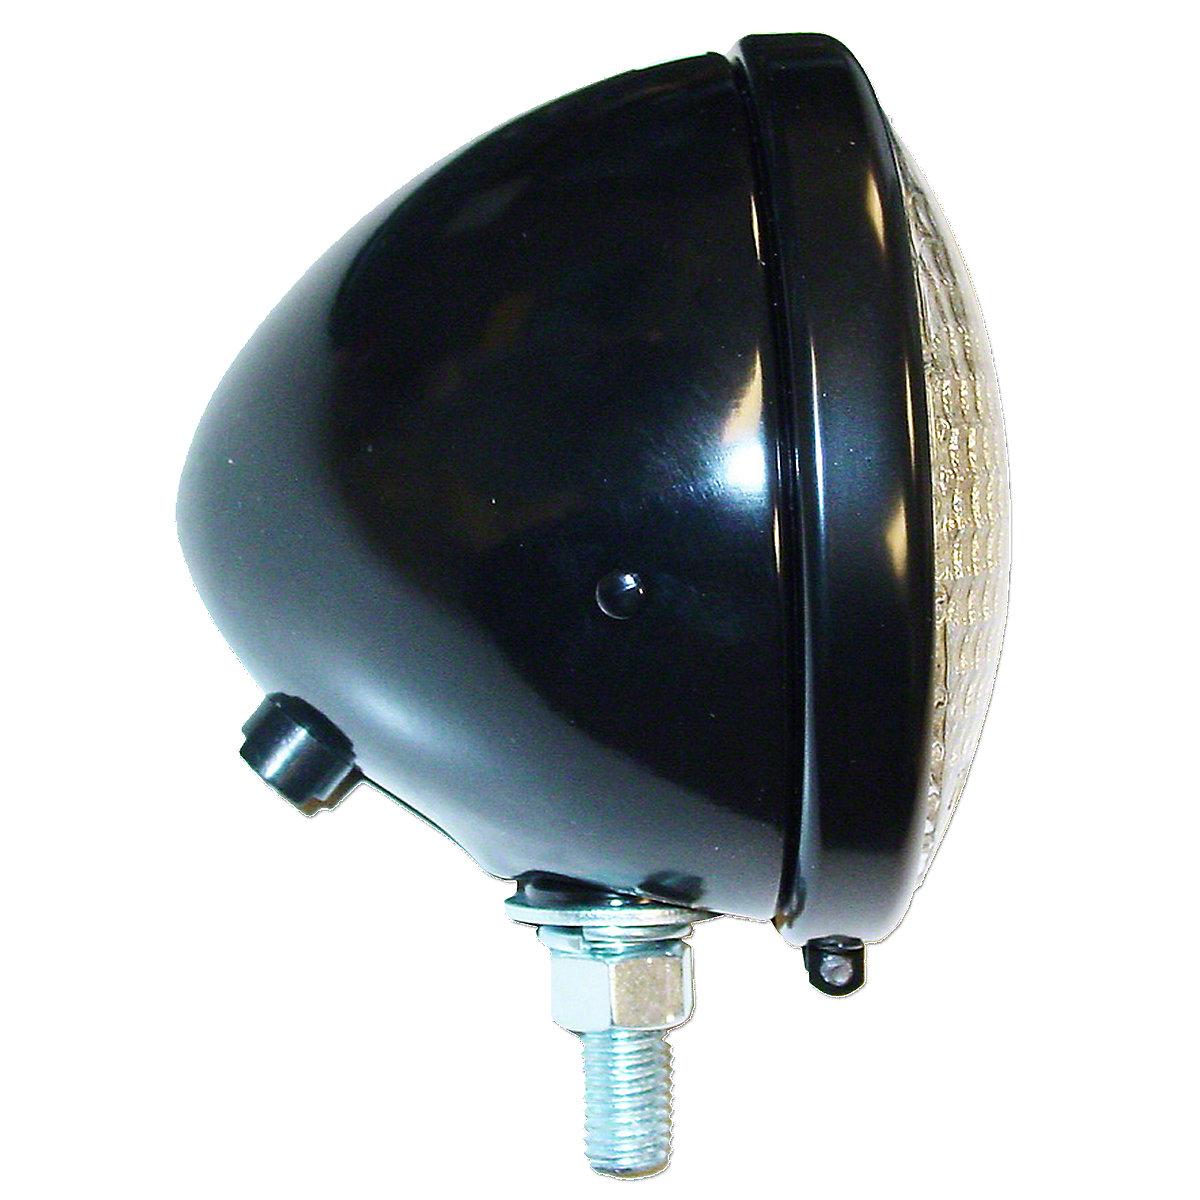 6 Volt Tractor Lights : Jds volt complete headlight asse